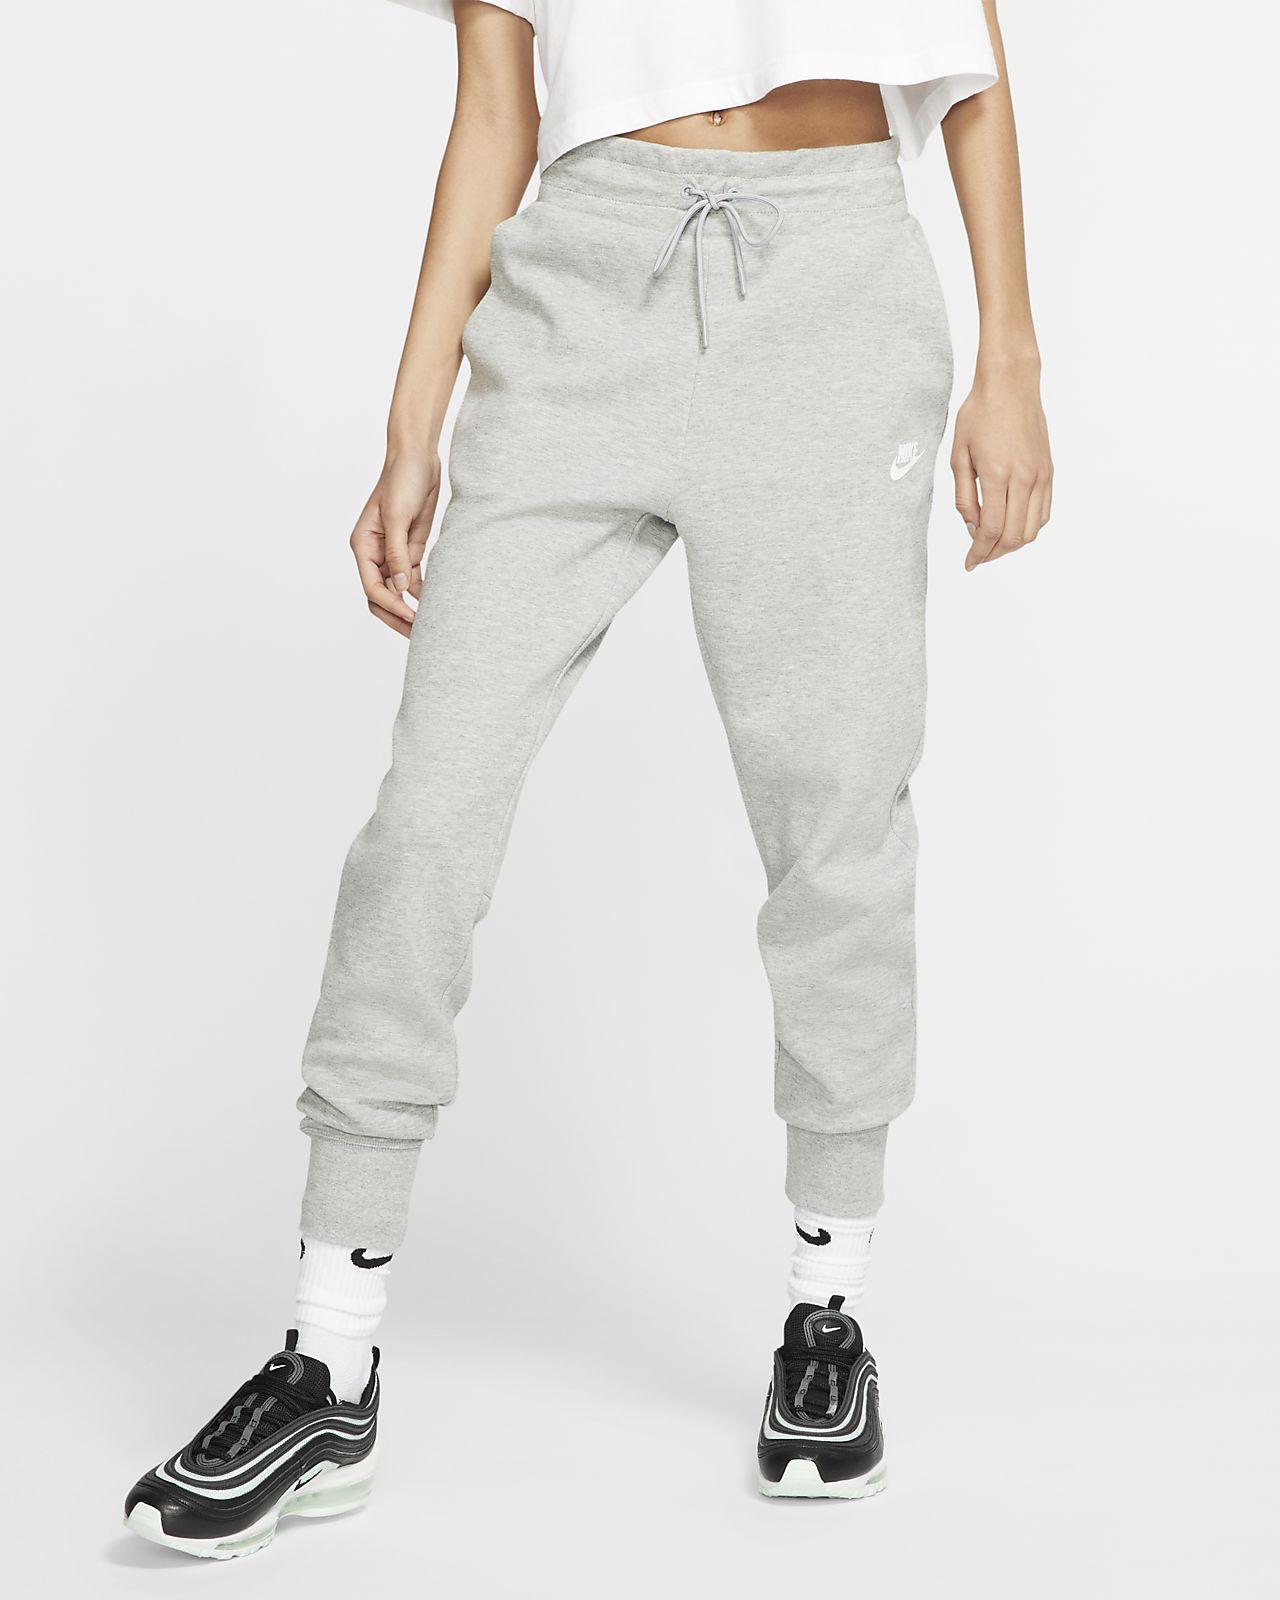 Nike Sportswear Tech Fleece Trousers Grey